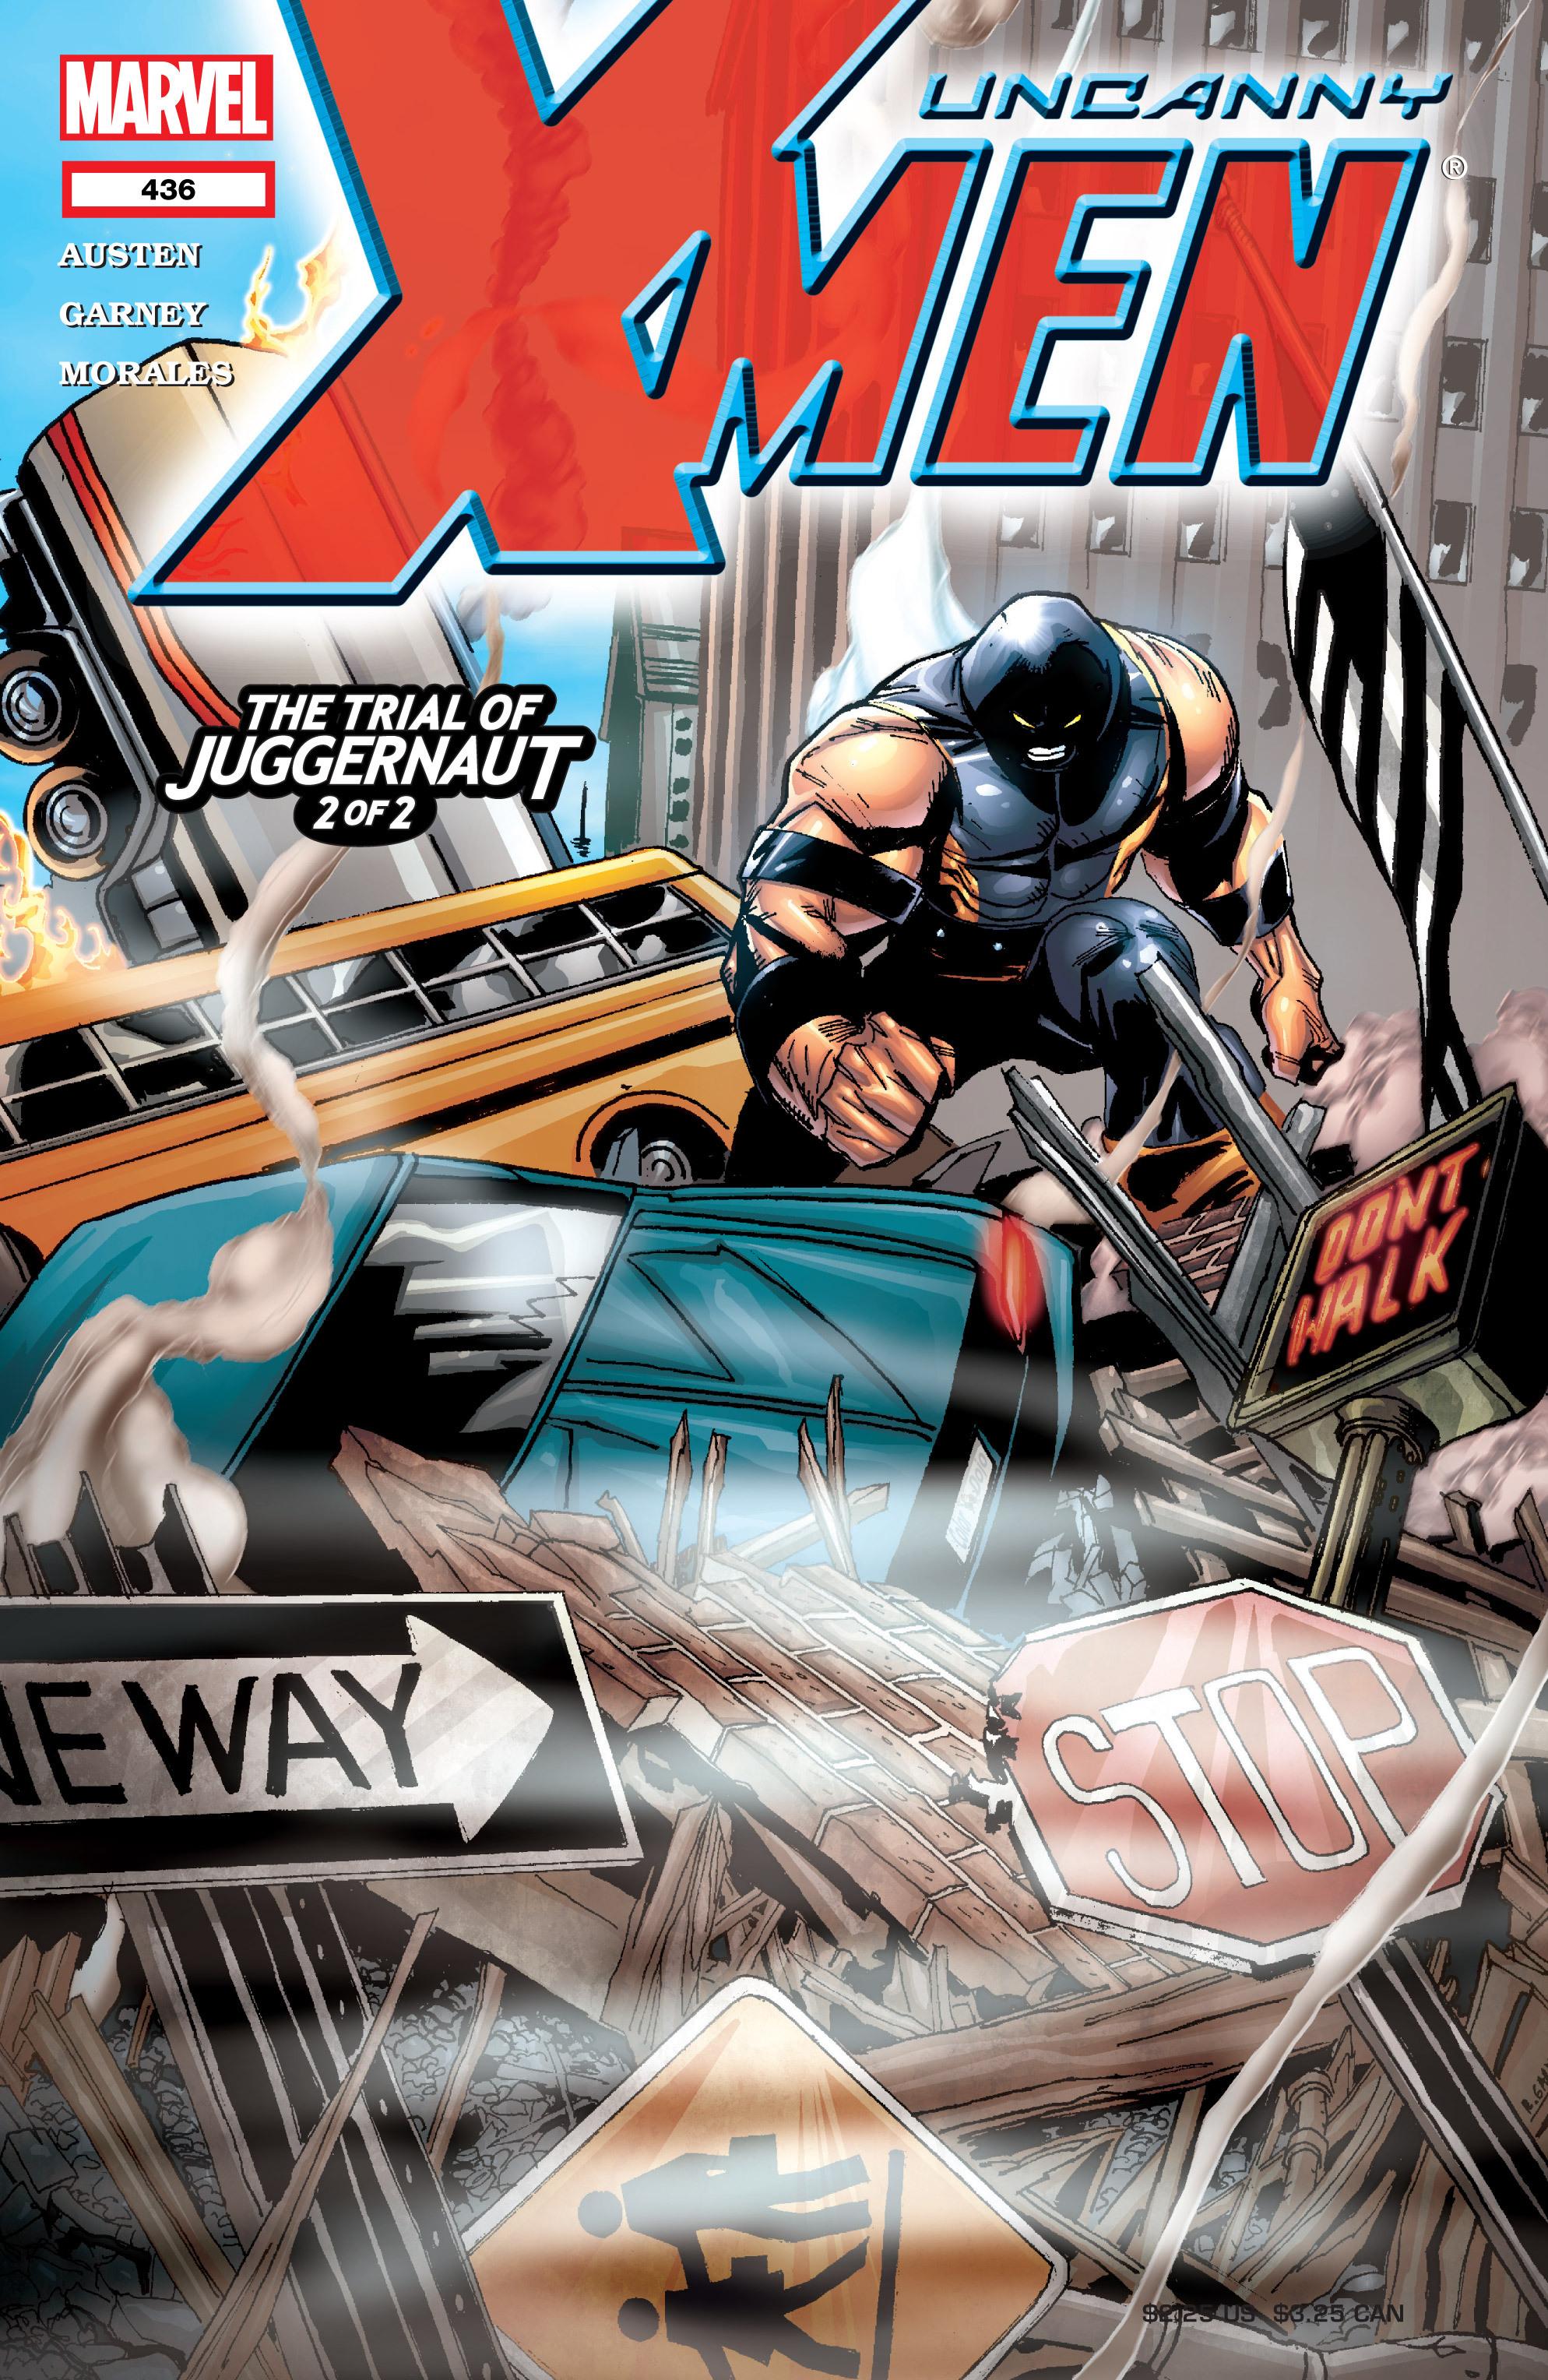 Uncanny X-Men (1963) 436 Page 1